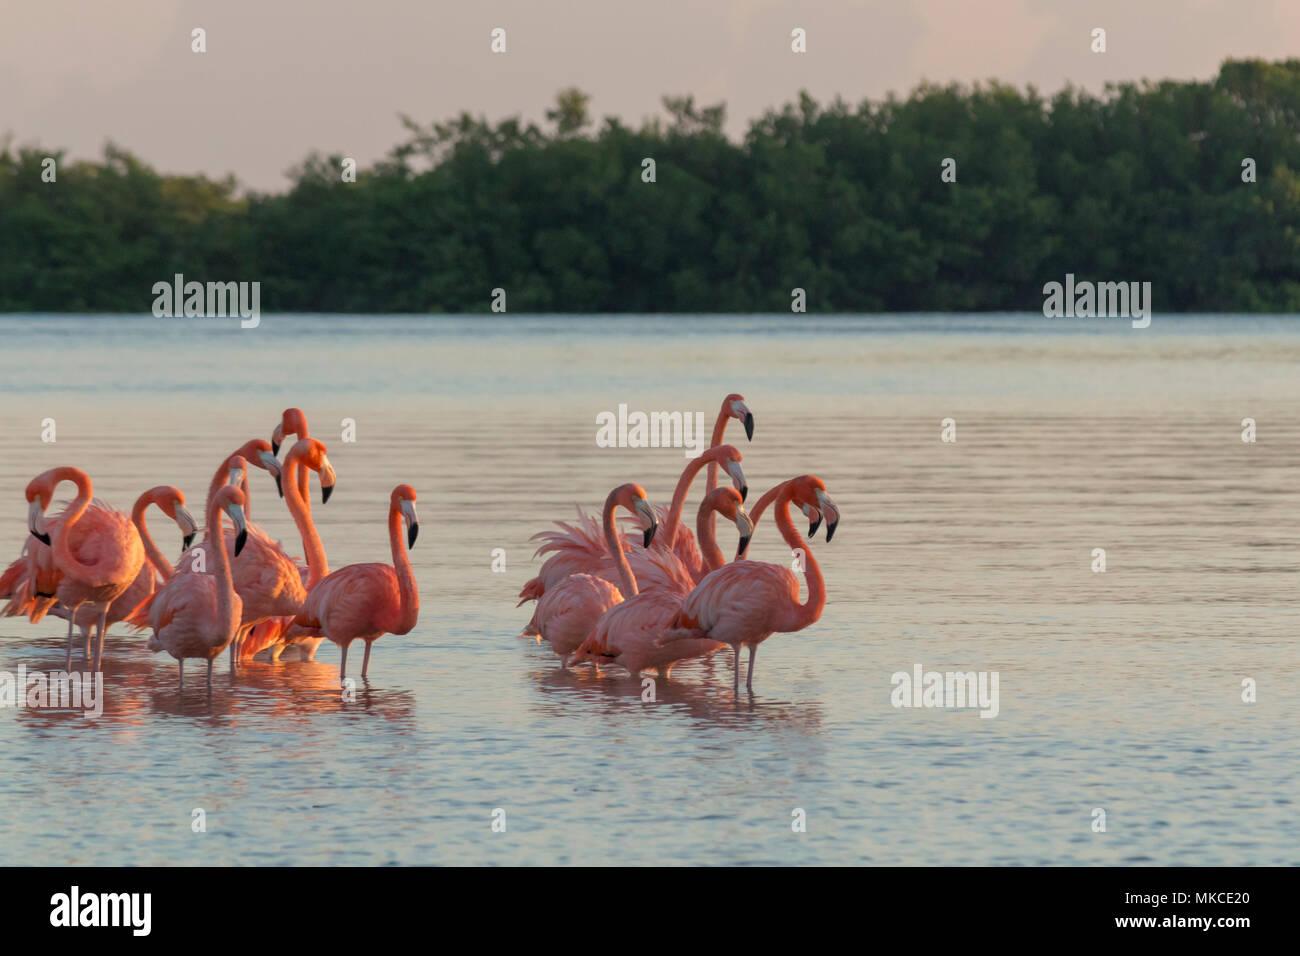 Fenicotteri rosa famiglia all'alba , si riuniscono prima di partire per iniziare la loro giornata nel fiume Immagini Stock